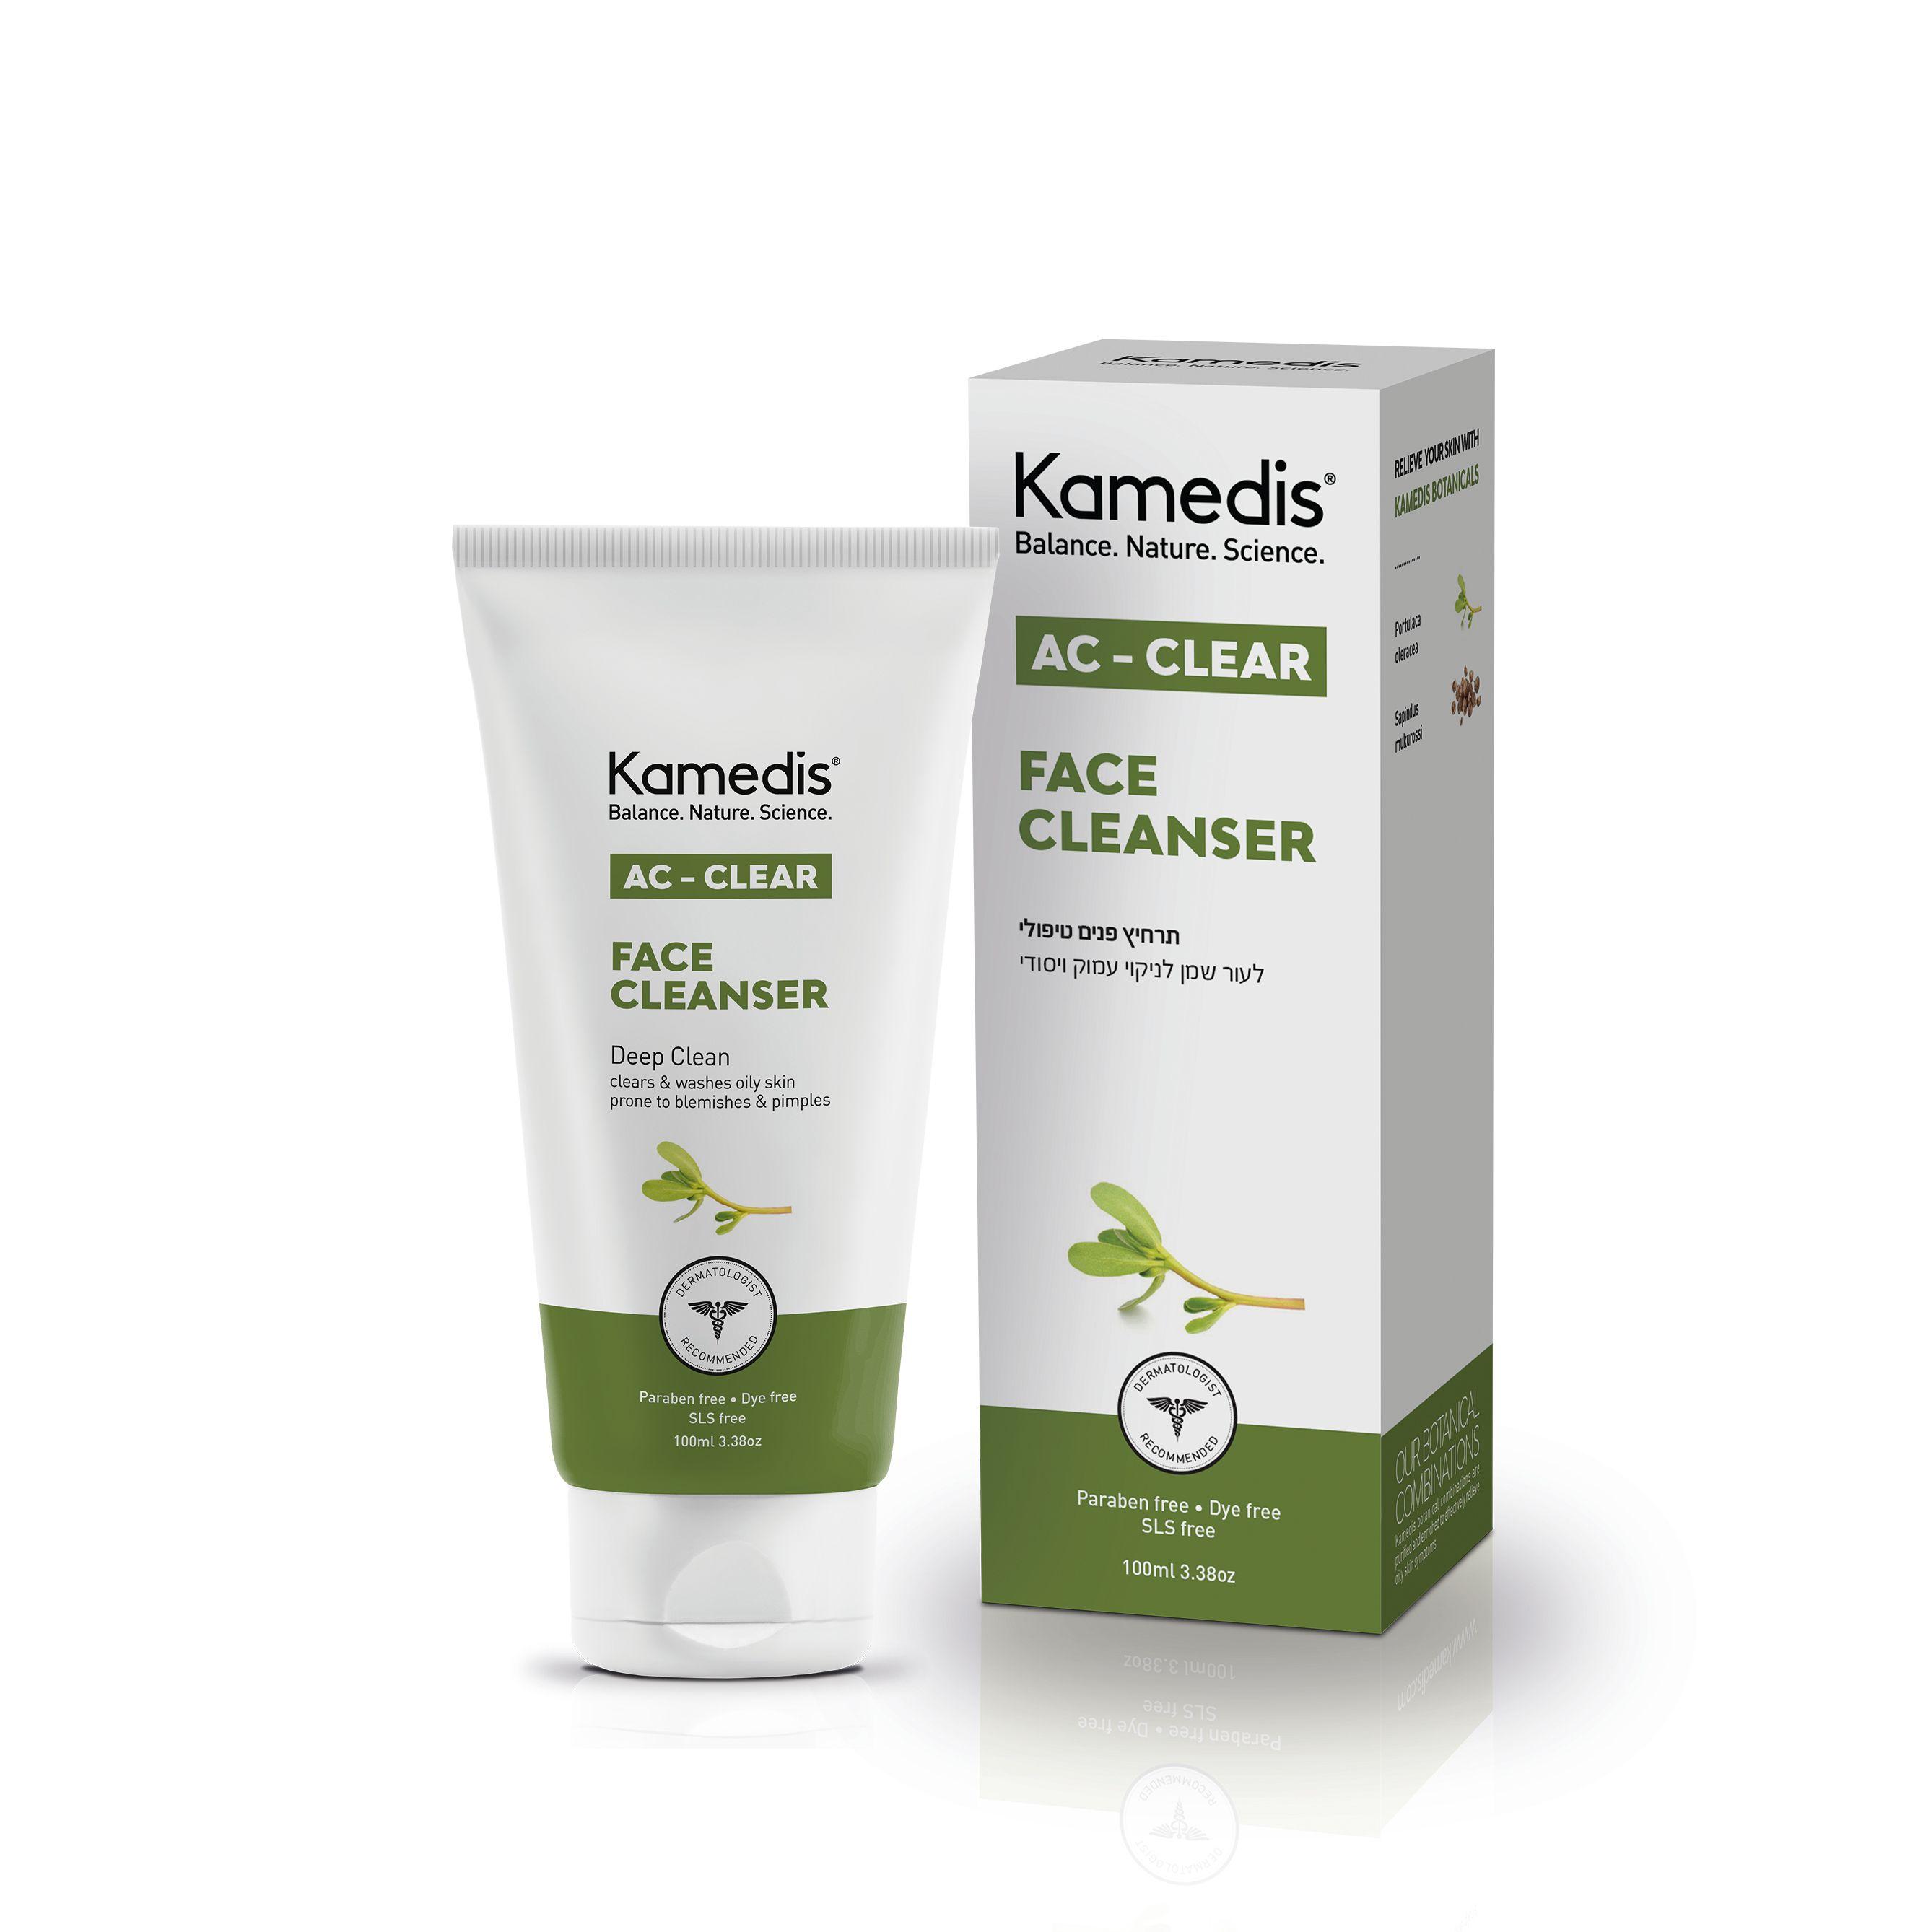 ג'ל ניקוי טיפולי לפנים לעור שמן הנוטה לפצעונים AC - CLEAR FACE CLEANSER